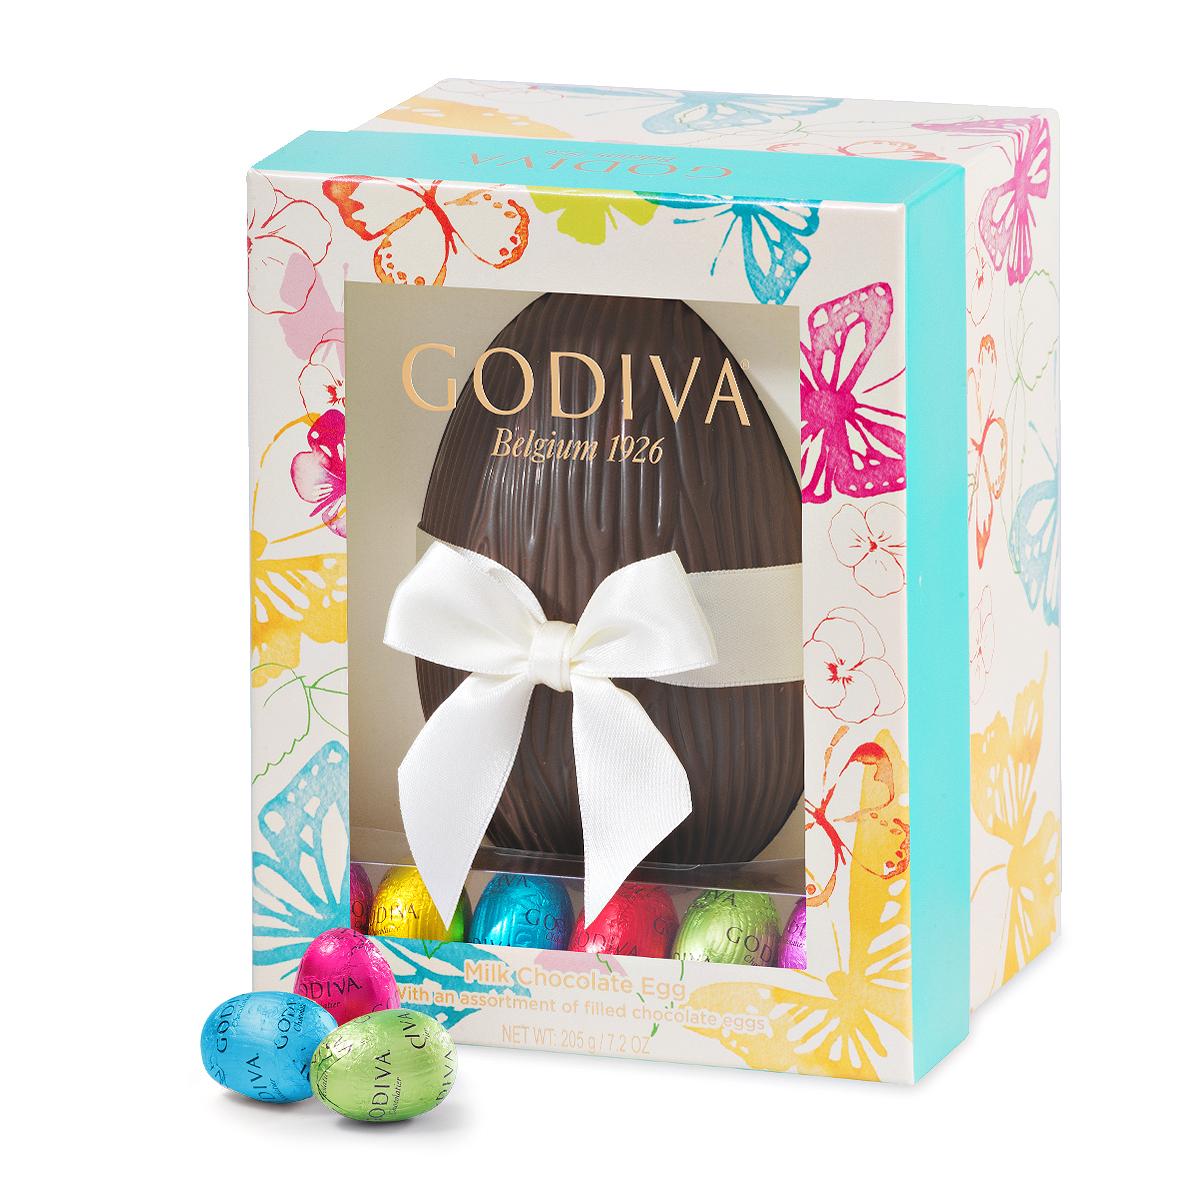 Godiva Easter Egg